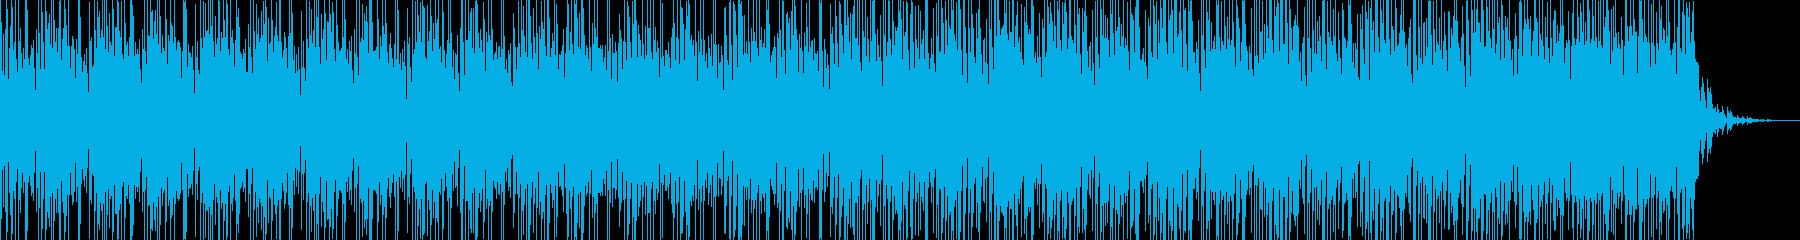 実用的なカリンバの無機質BGM4の再生済みの波形